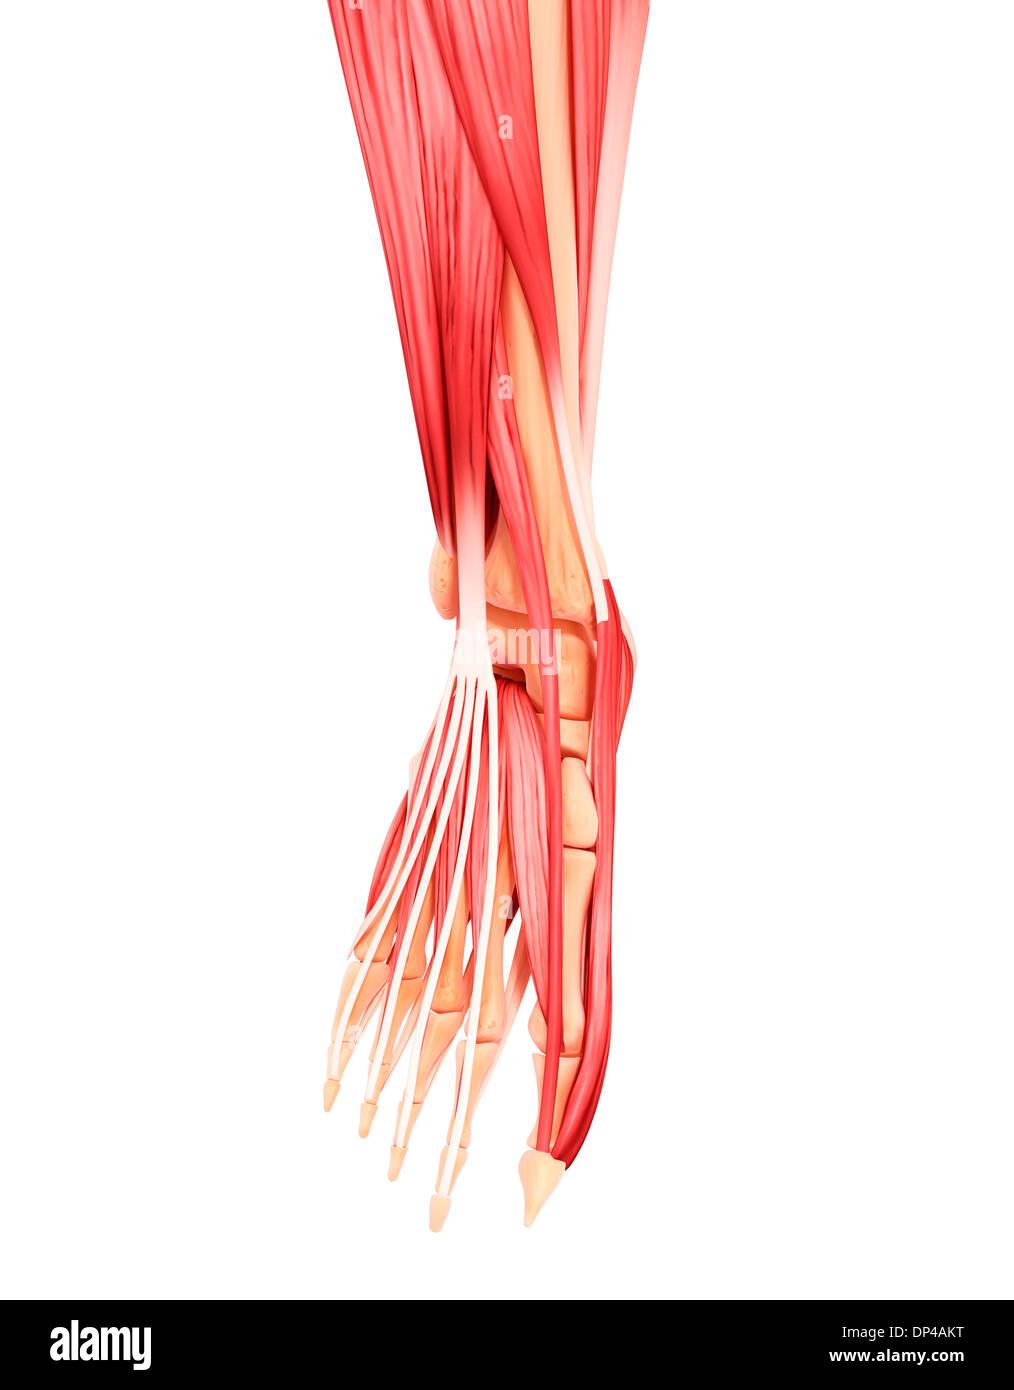 Menschlicher Fuß-Muskulatur, artwork Stockfoto, Bild: 65249740 - Alamy